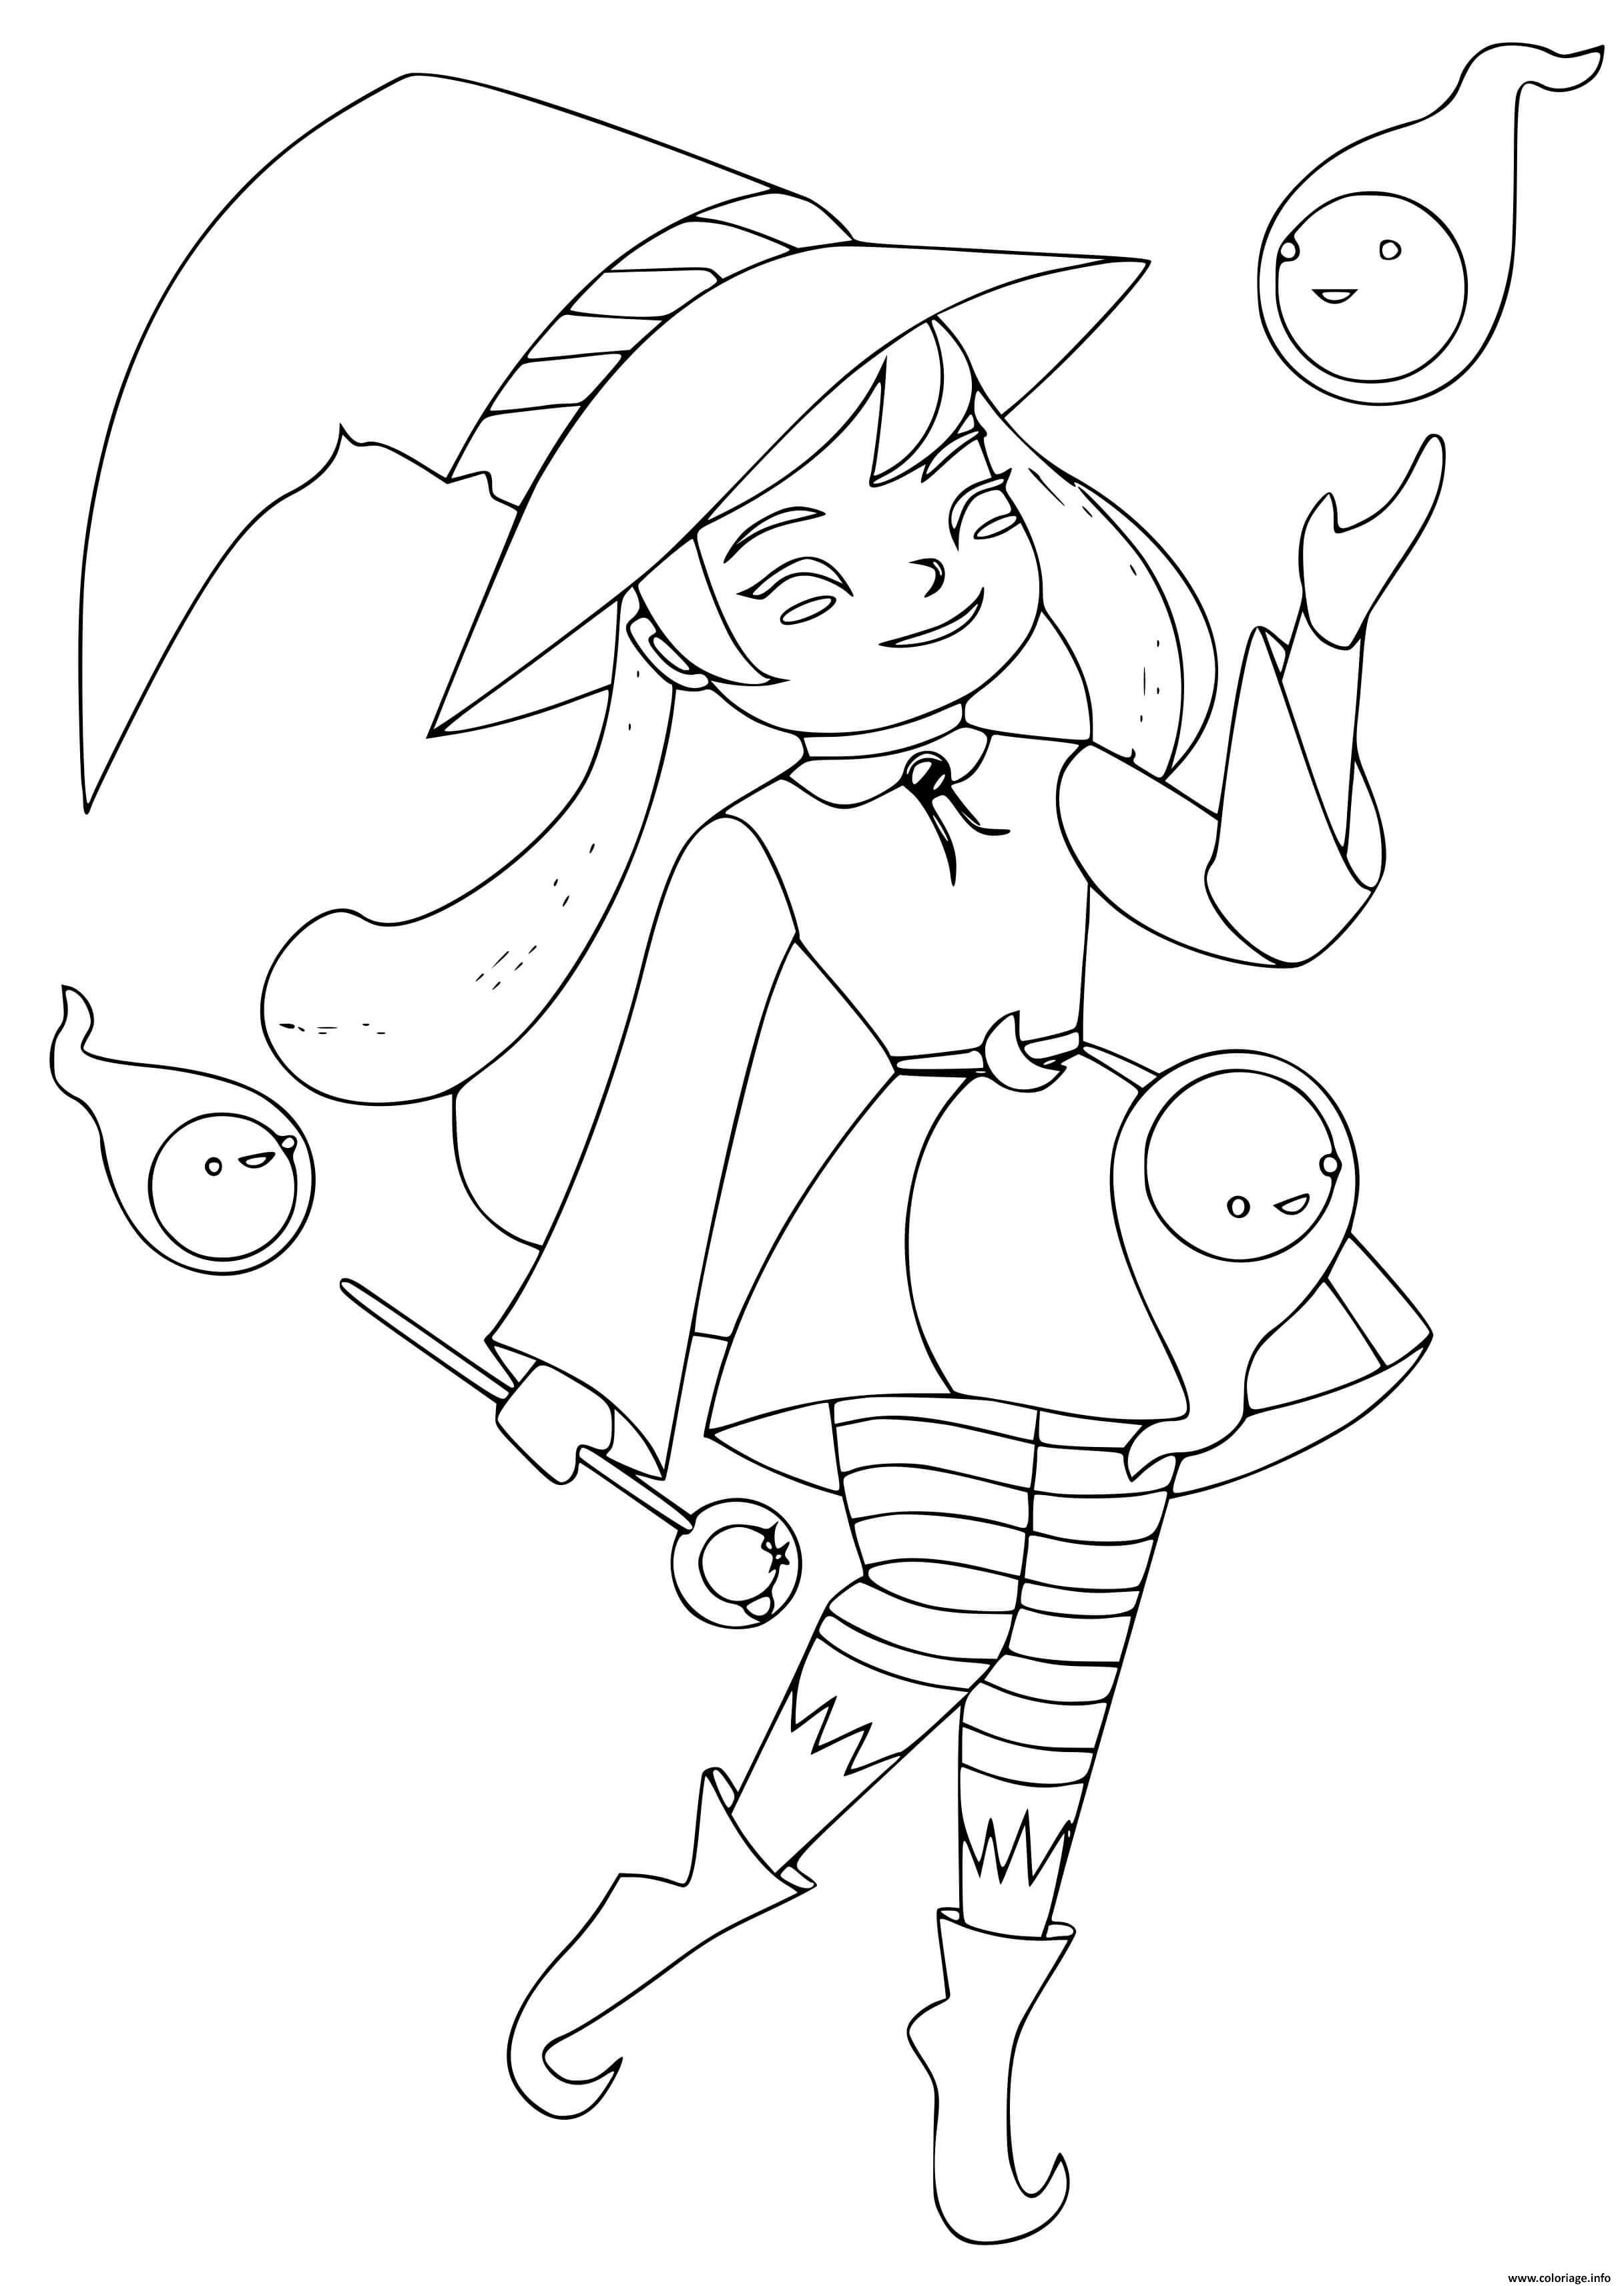 Dessin sorciere emblematique de la fete de halloween Coloriage Gratuit à Imprimer